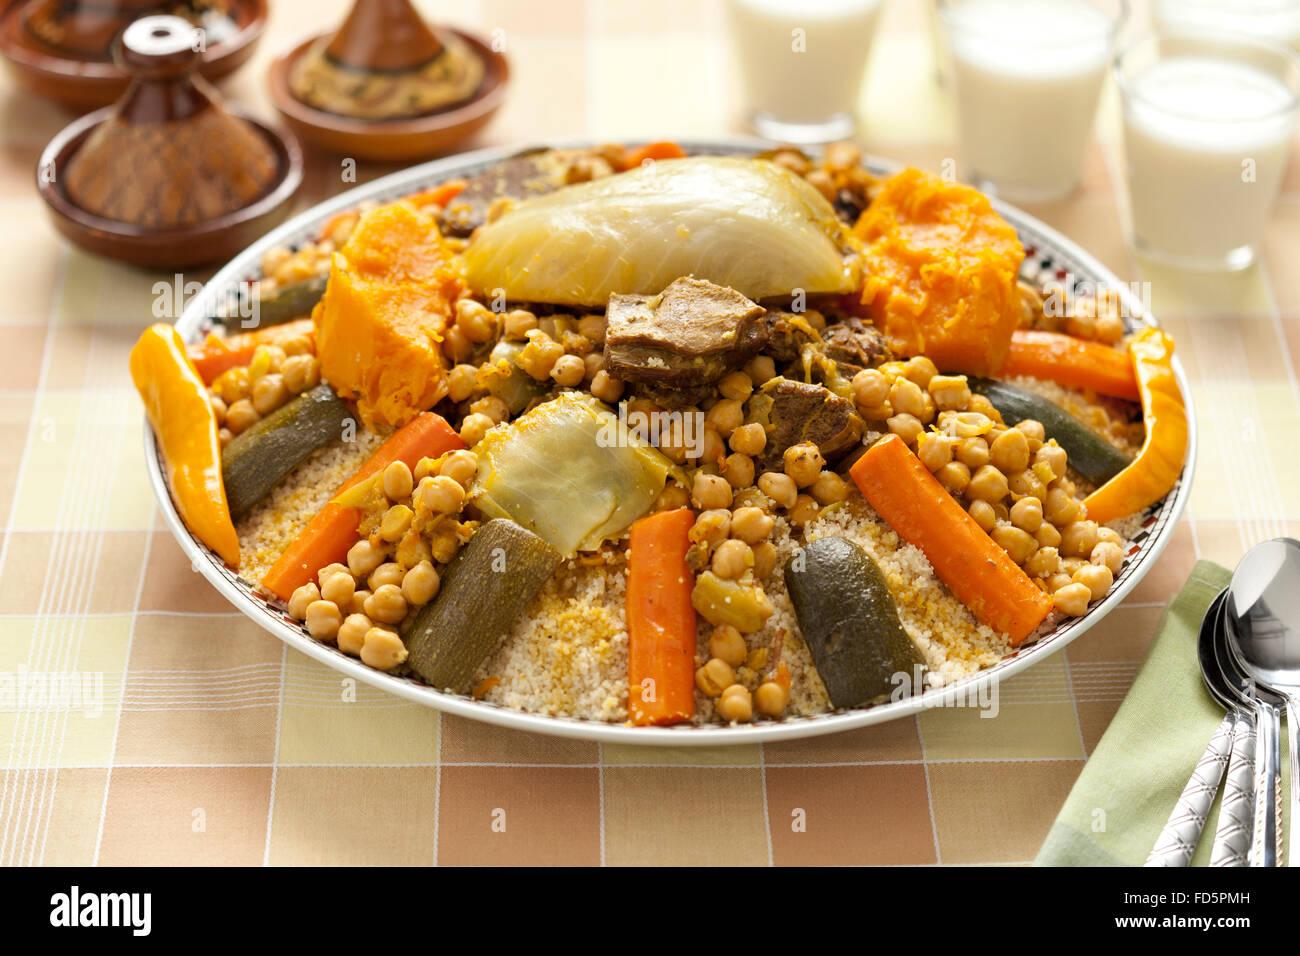 traditionelle marokkanische couscous gericht serviert mit buttermilch stockfoto bild 94169953. Black Bedroom Furniture Sets. Home Design Ideas